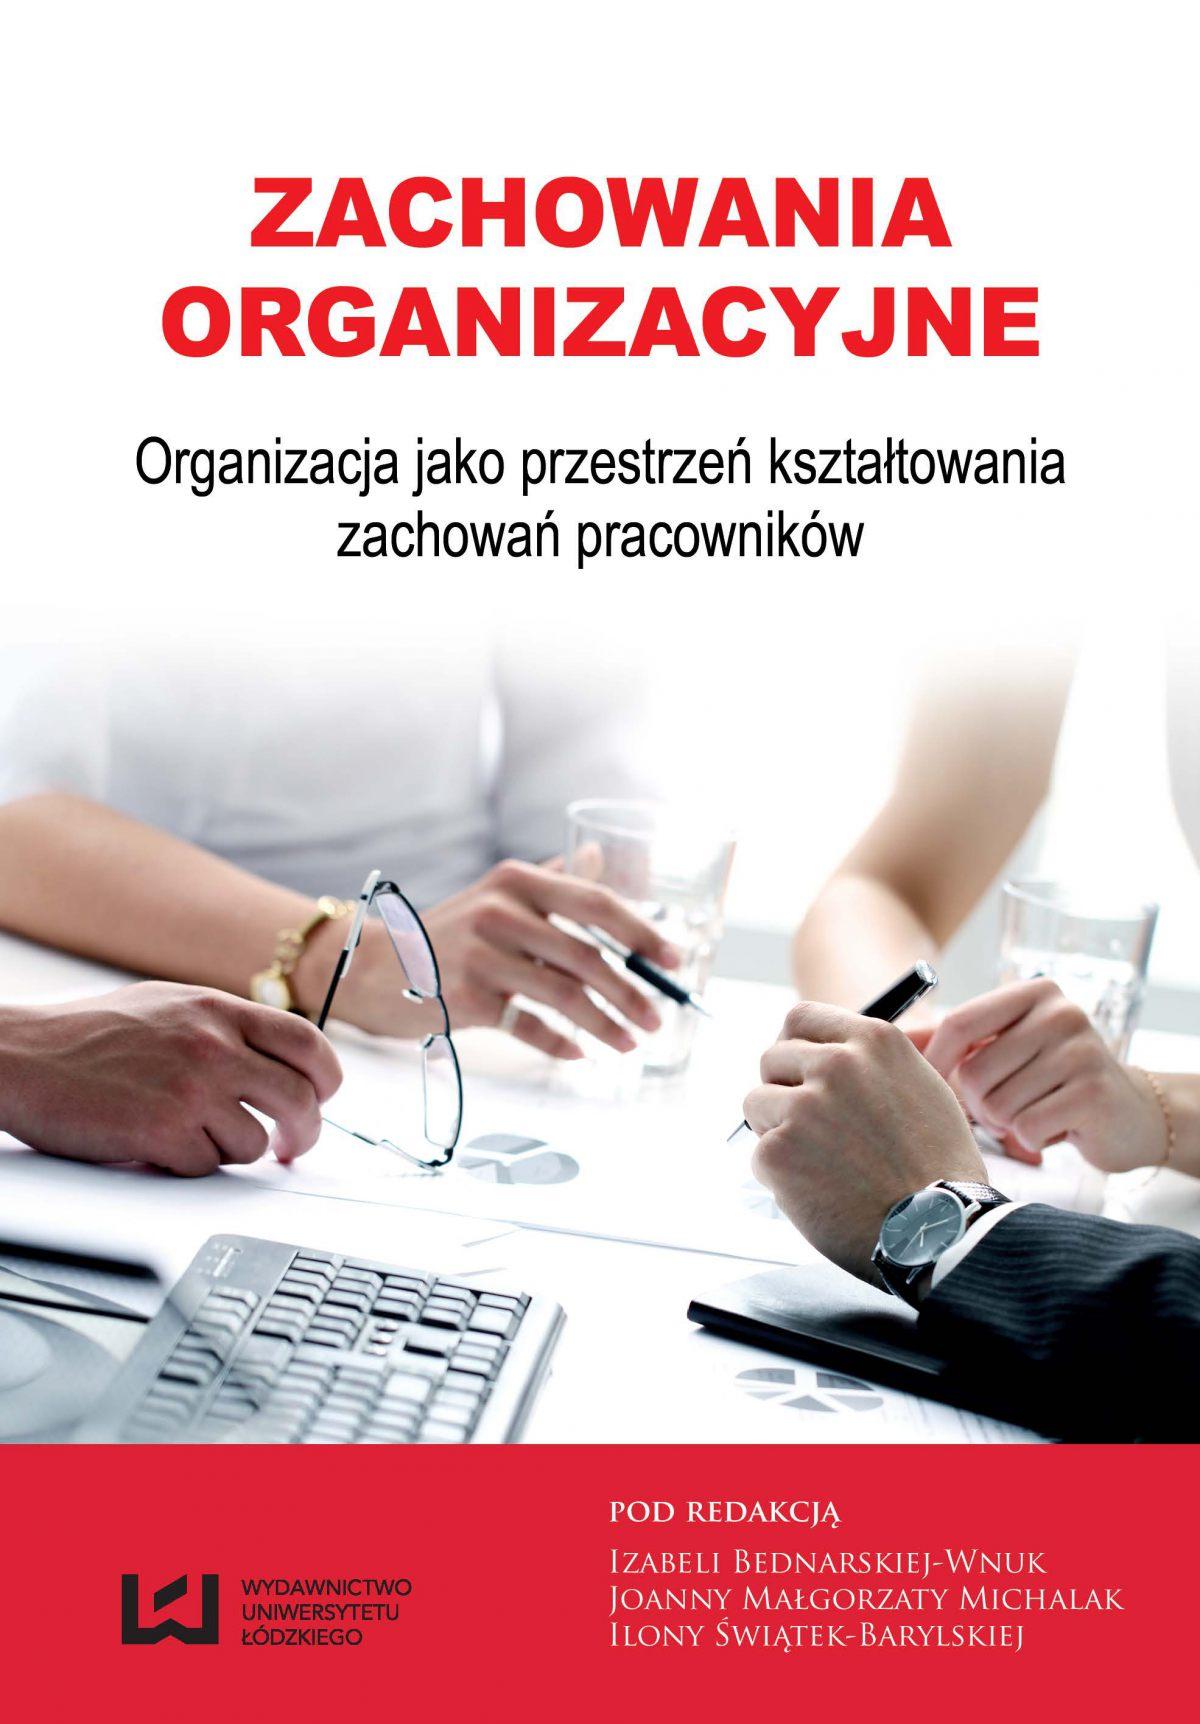 Zachowania organizacyjne. Organizacja jako przestrzeń kształtowania zachowań pracowników - Ebook (Książka PDF) do pobrania w formacie PDF